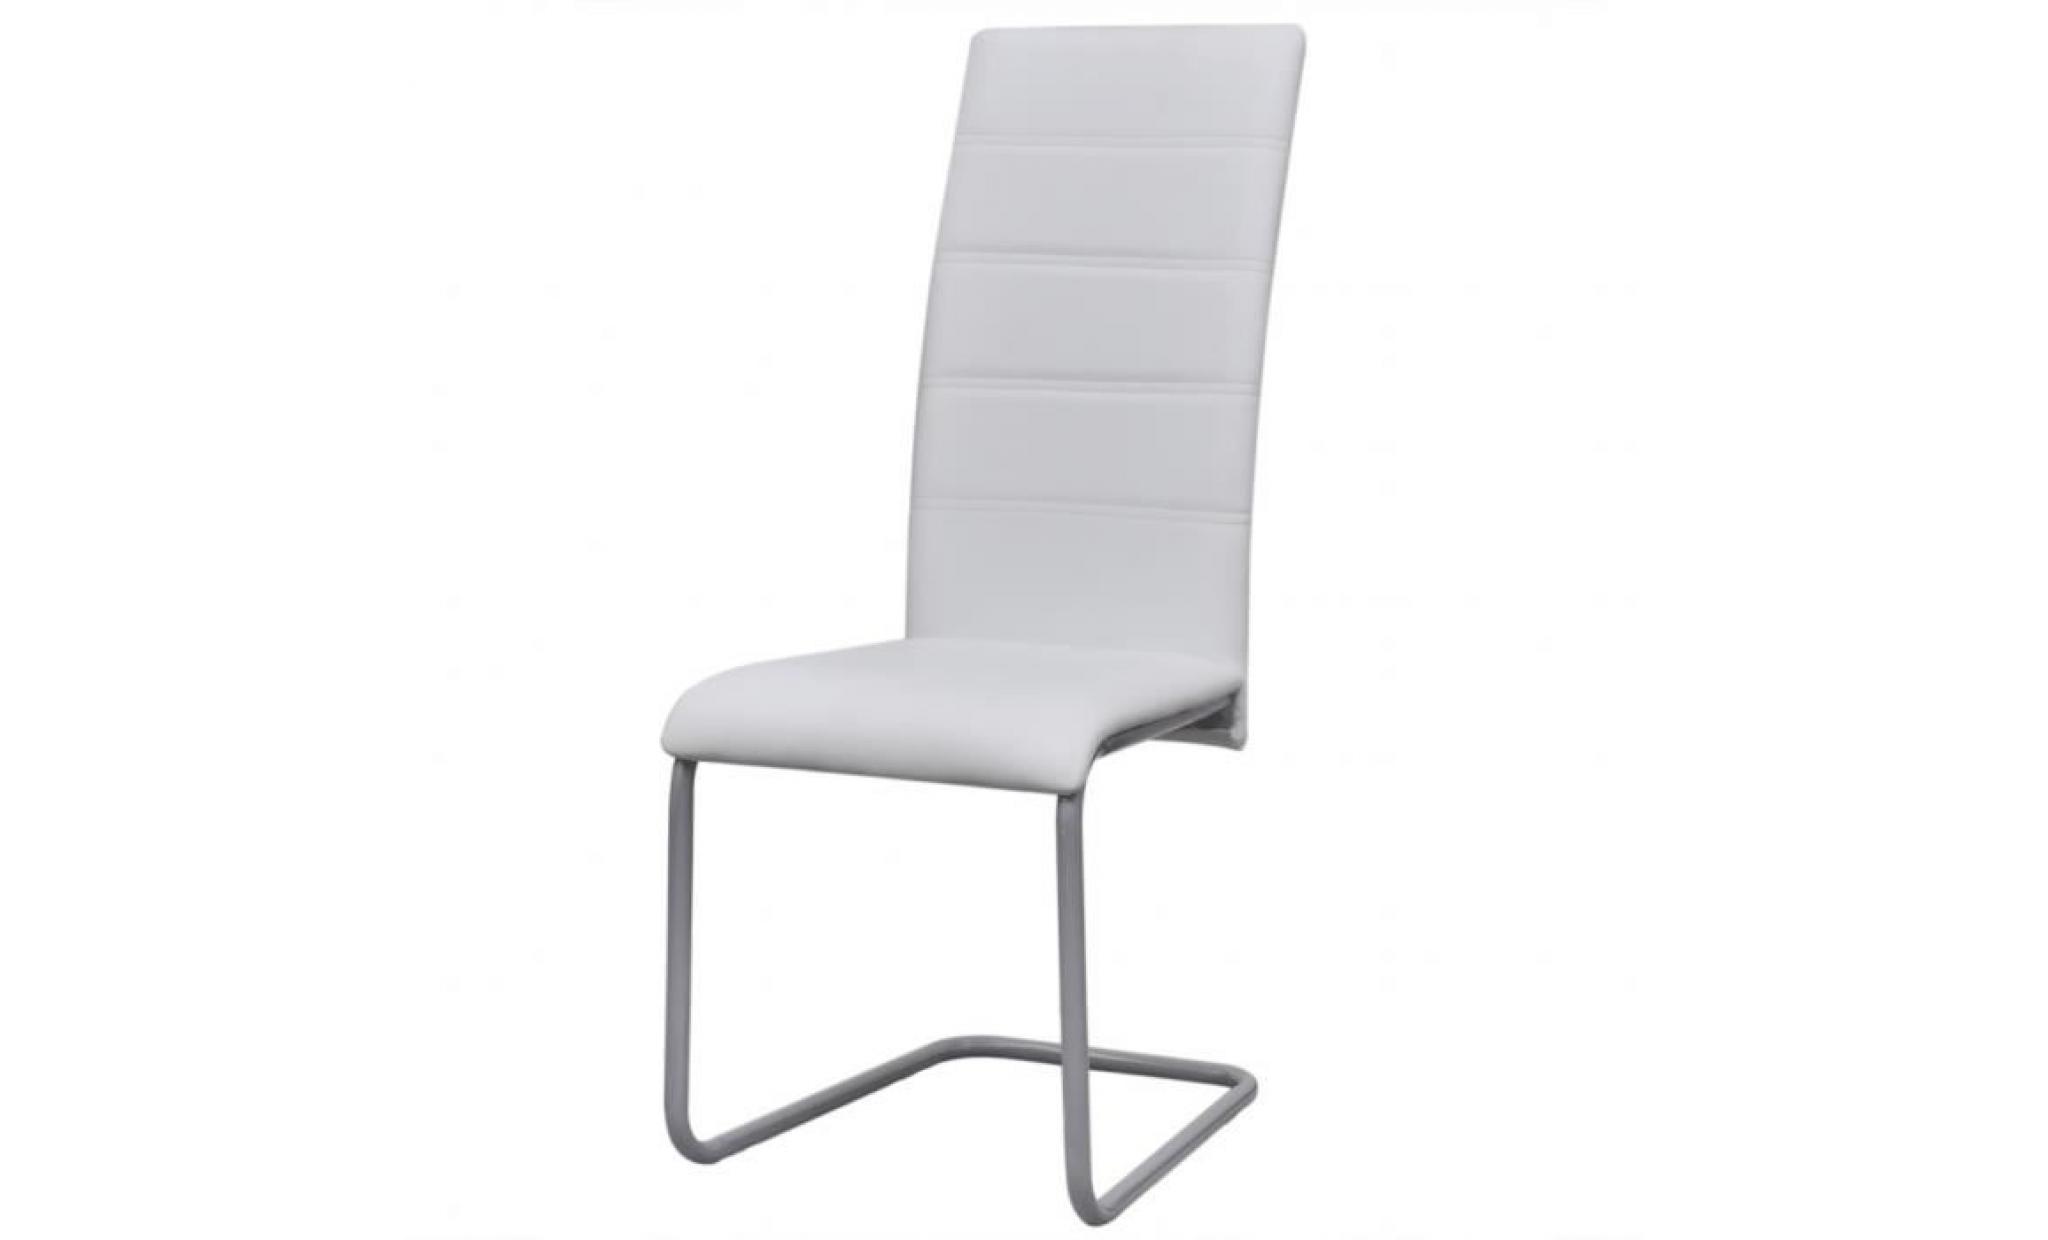 2pcs chaises à manger cantilever avec dossier haut blanc décor moderne de bureau maison ou salle à manger 41 x 52,5 x 102,5 cm